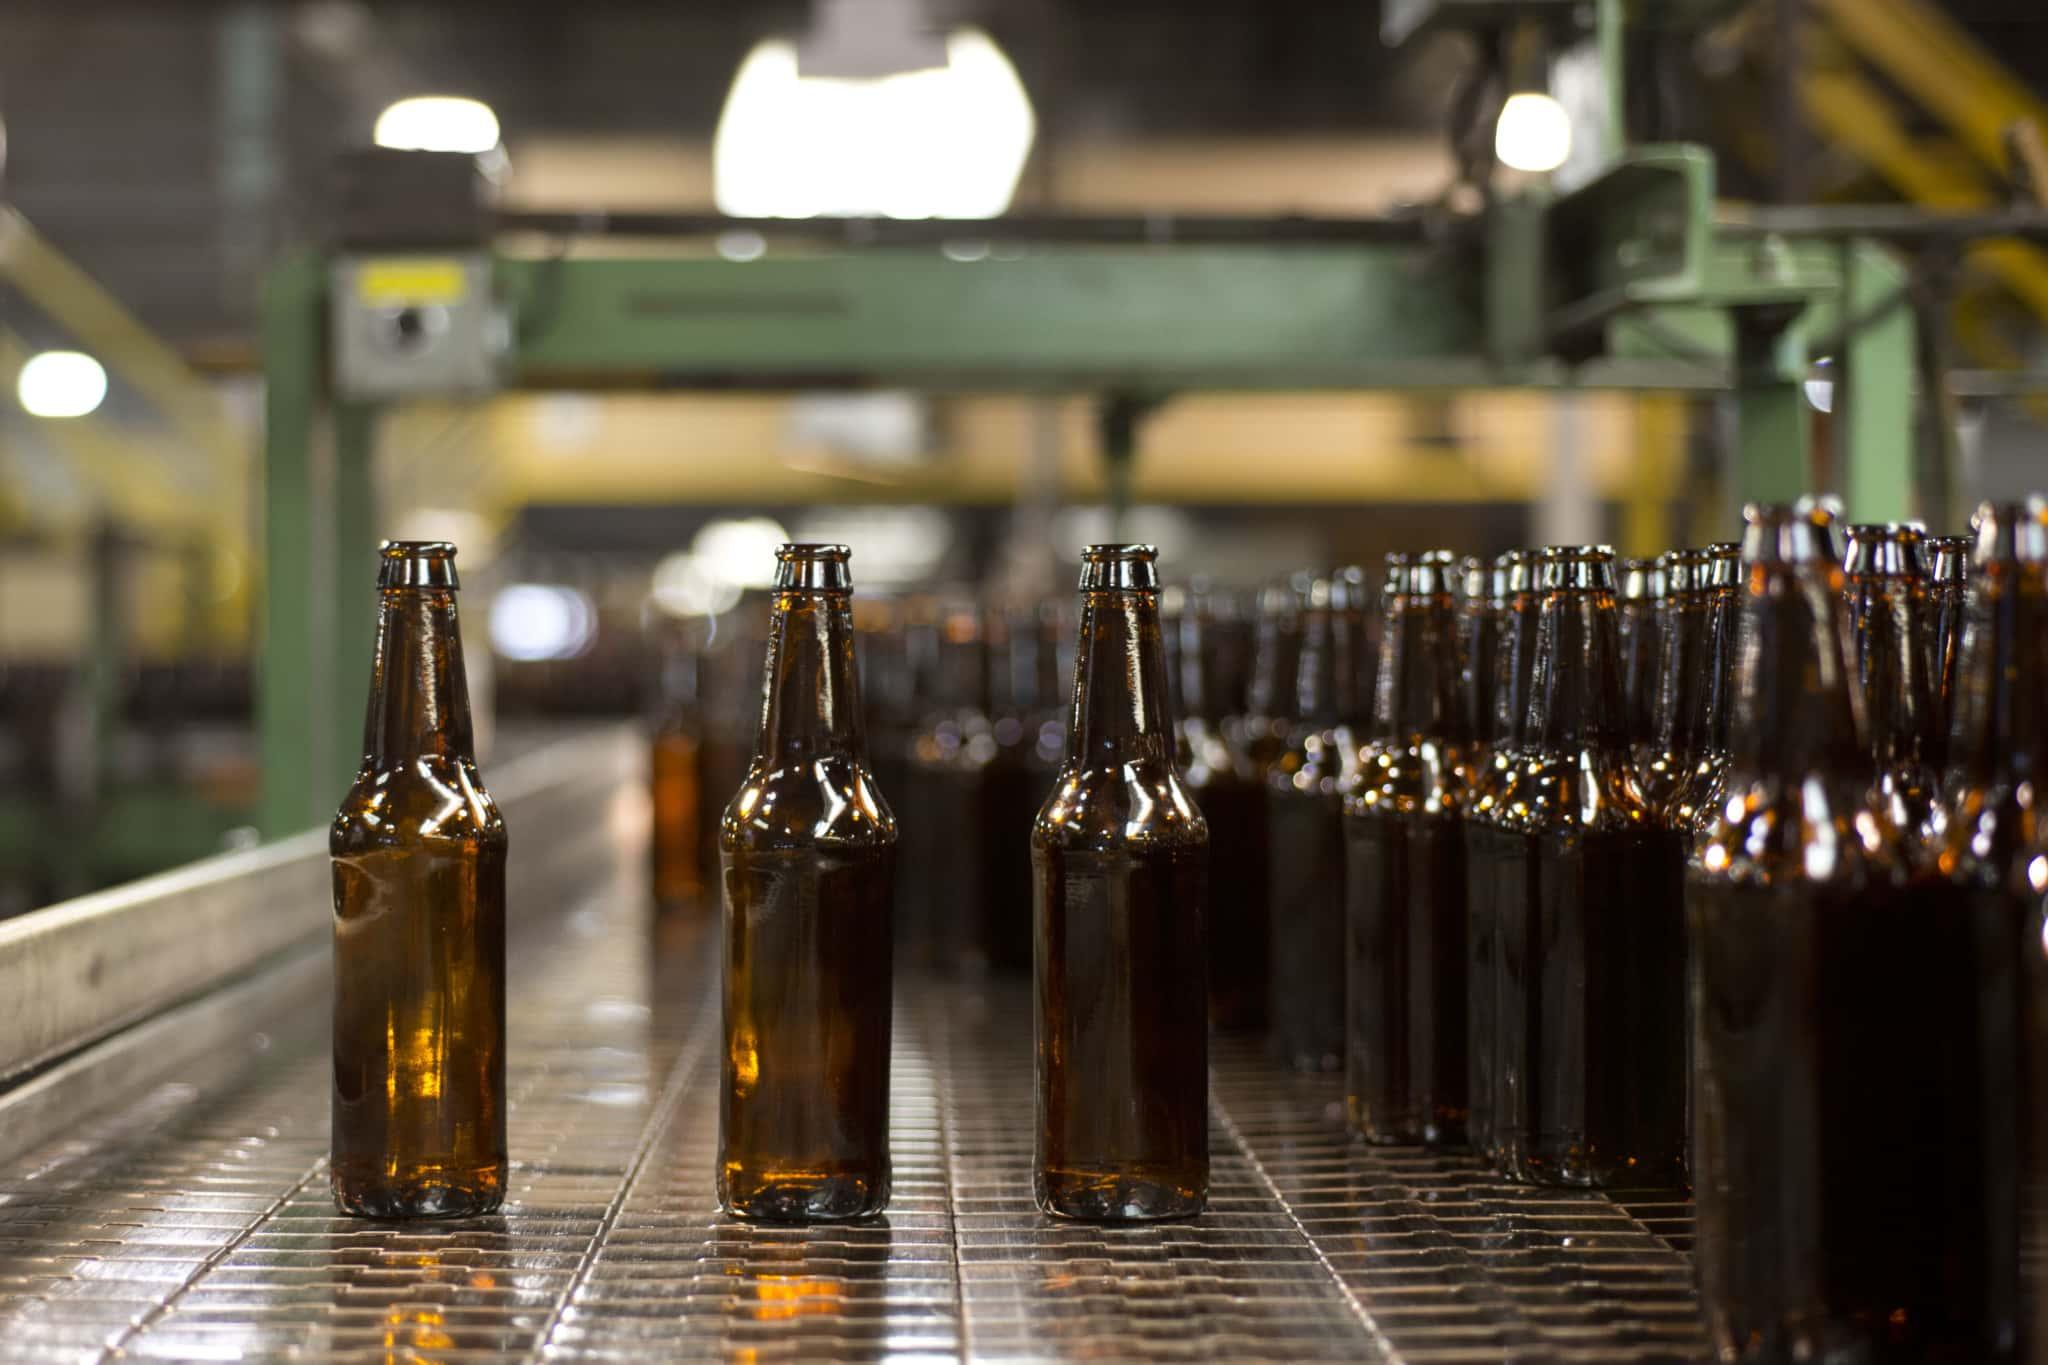 Long Neck Bottles